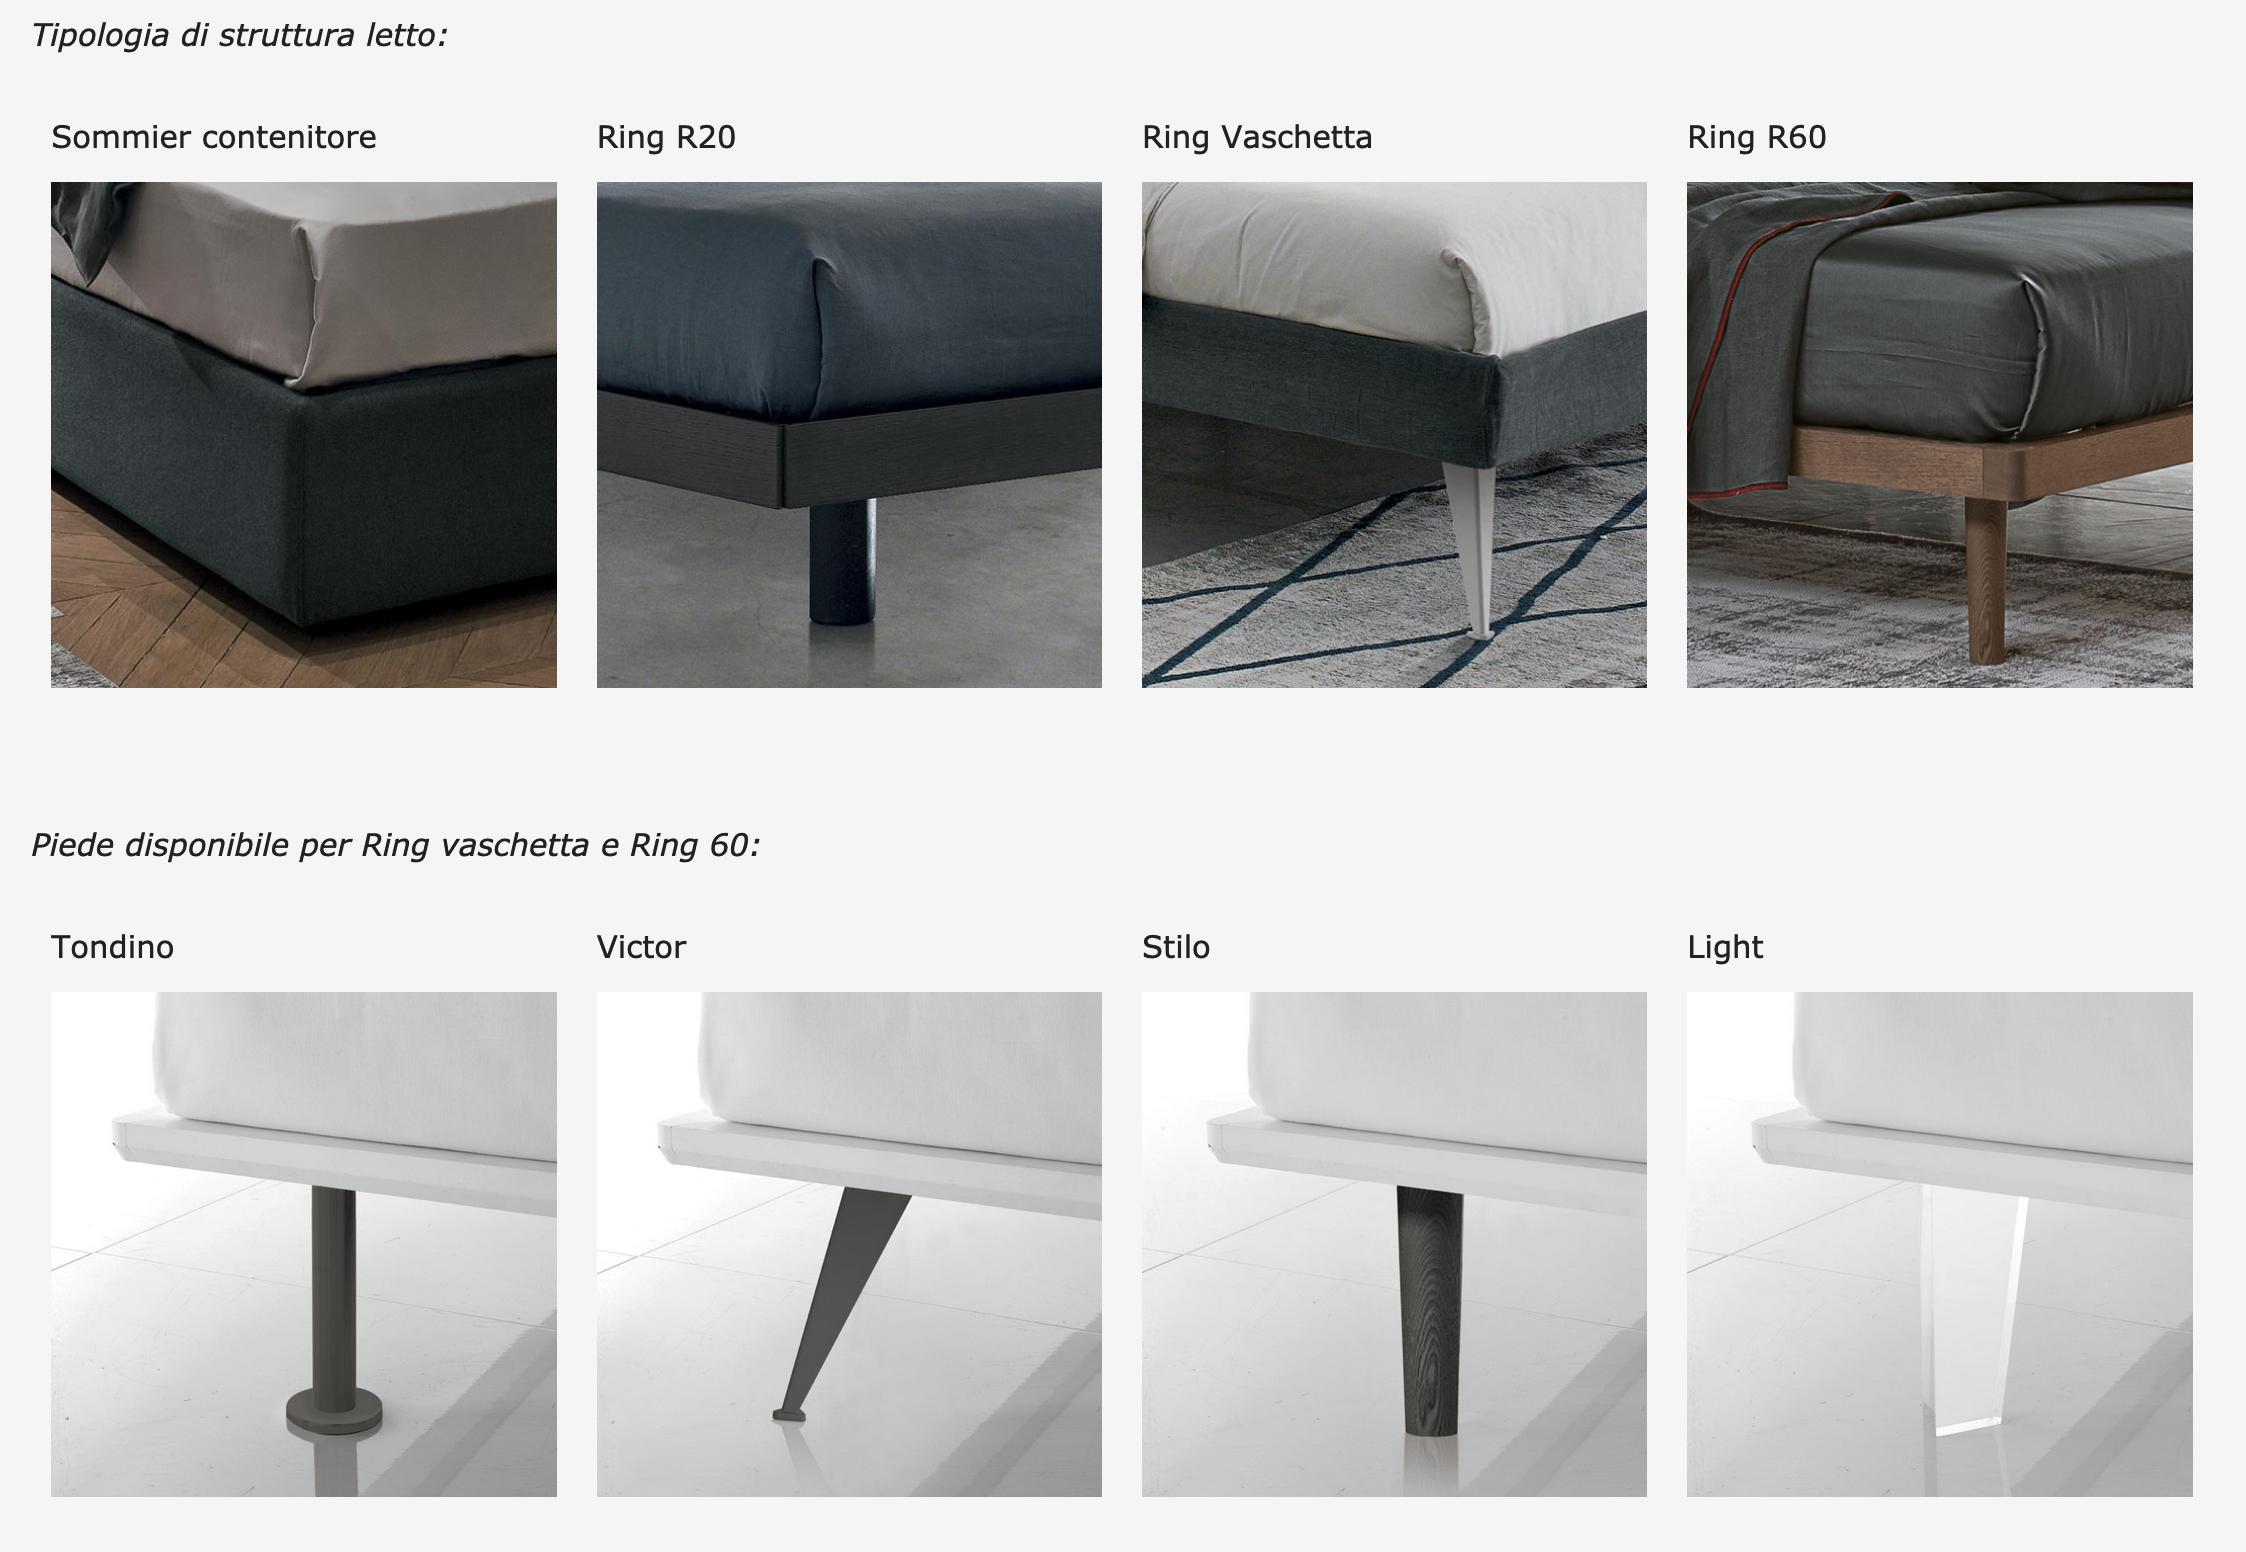 letto-diagonal-caratteristiche